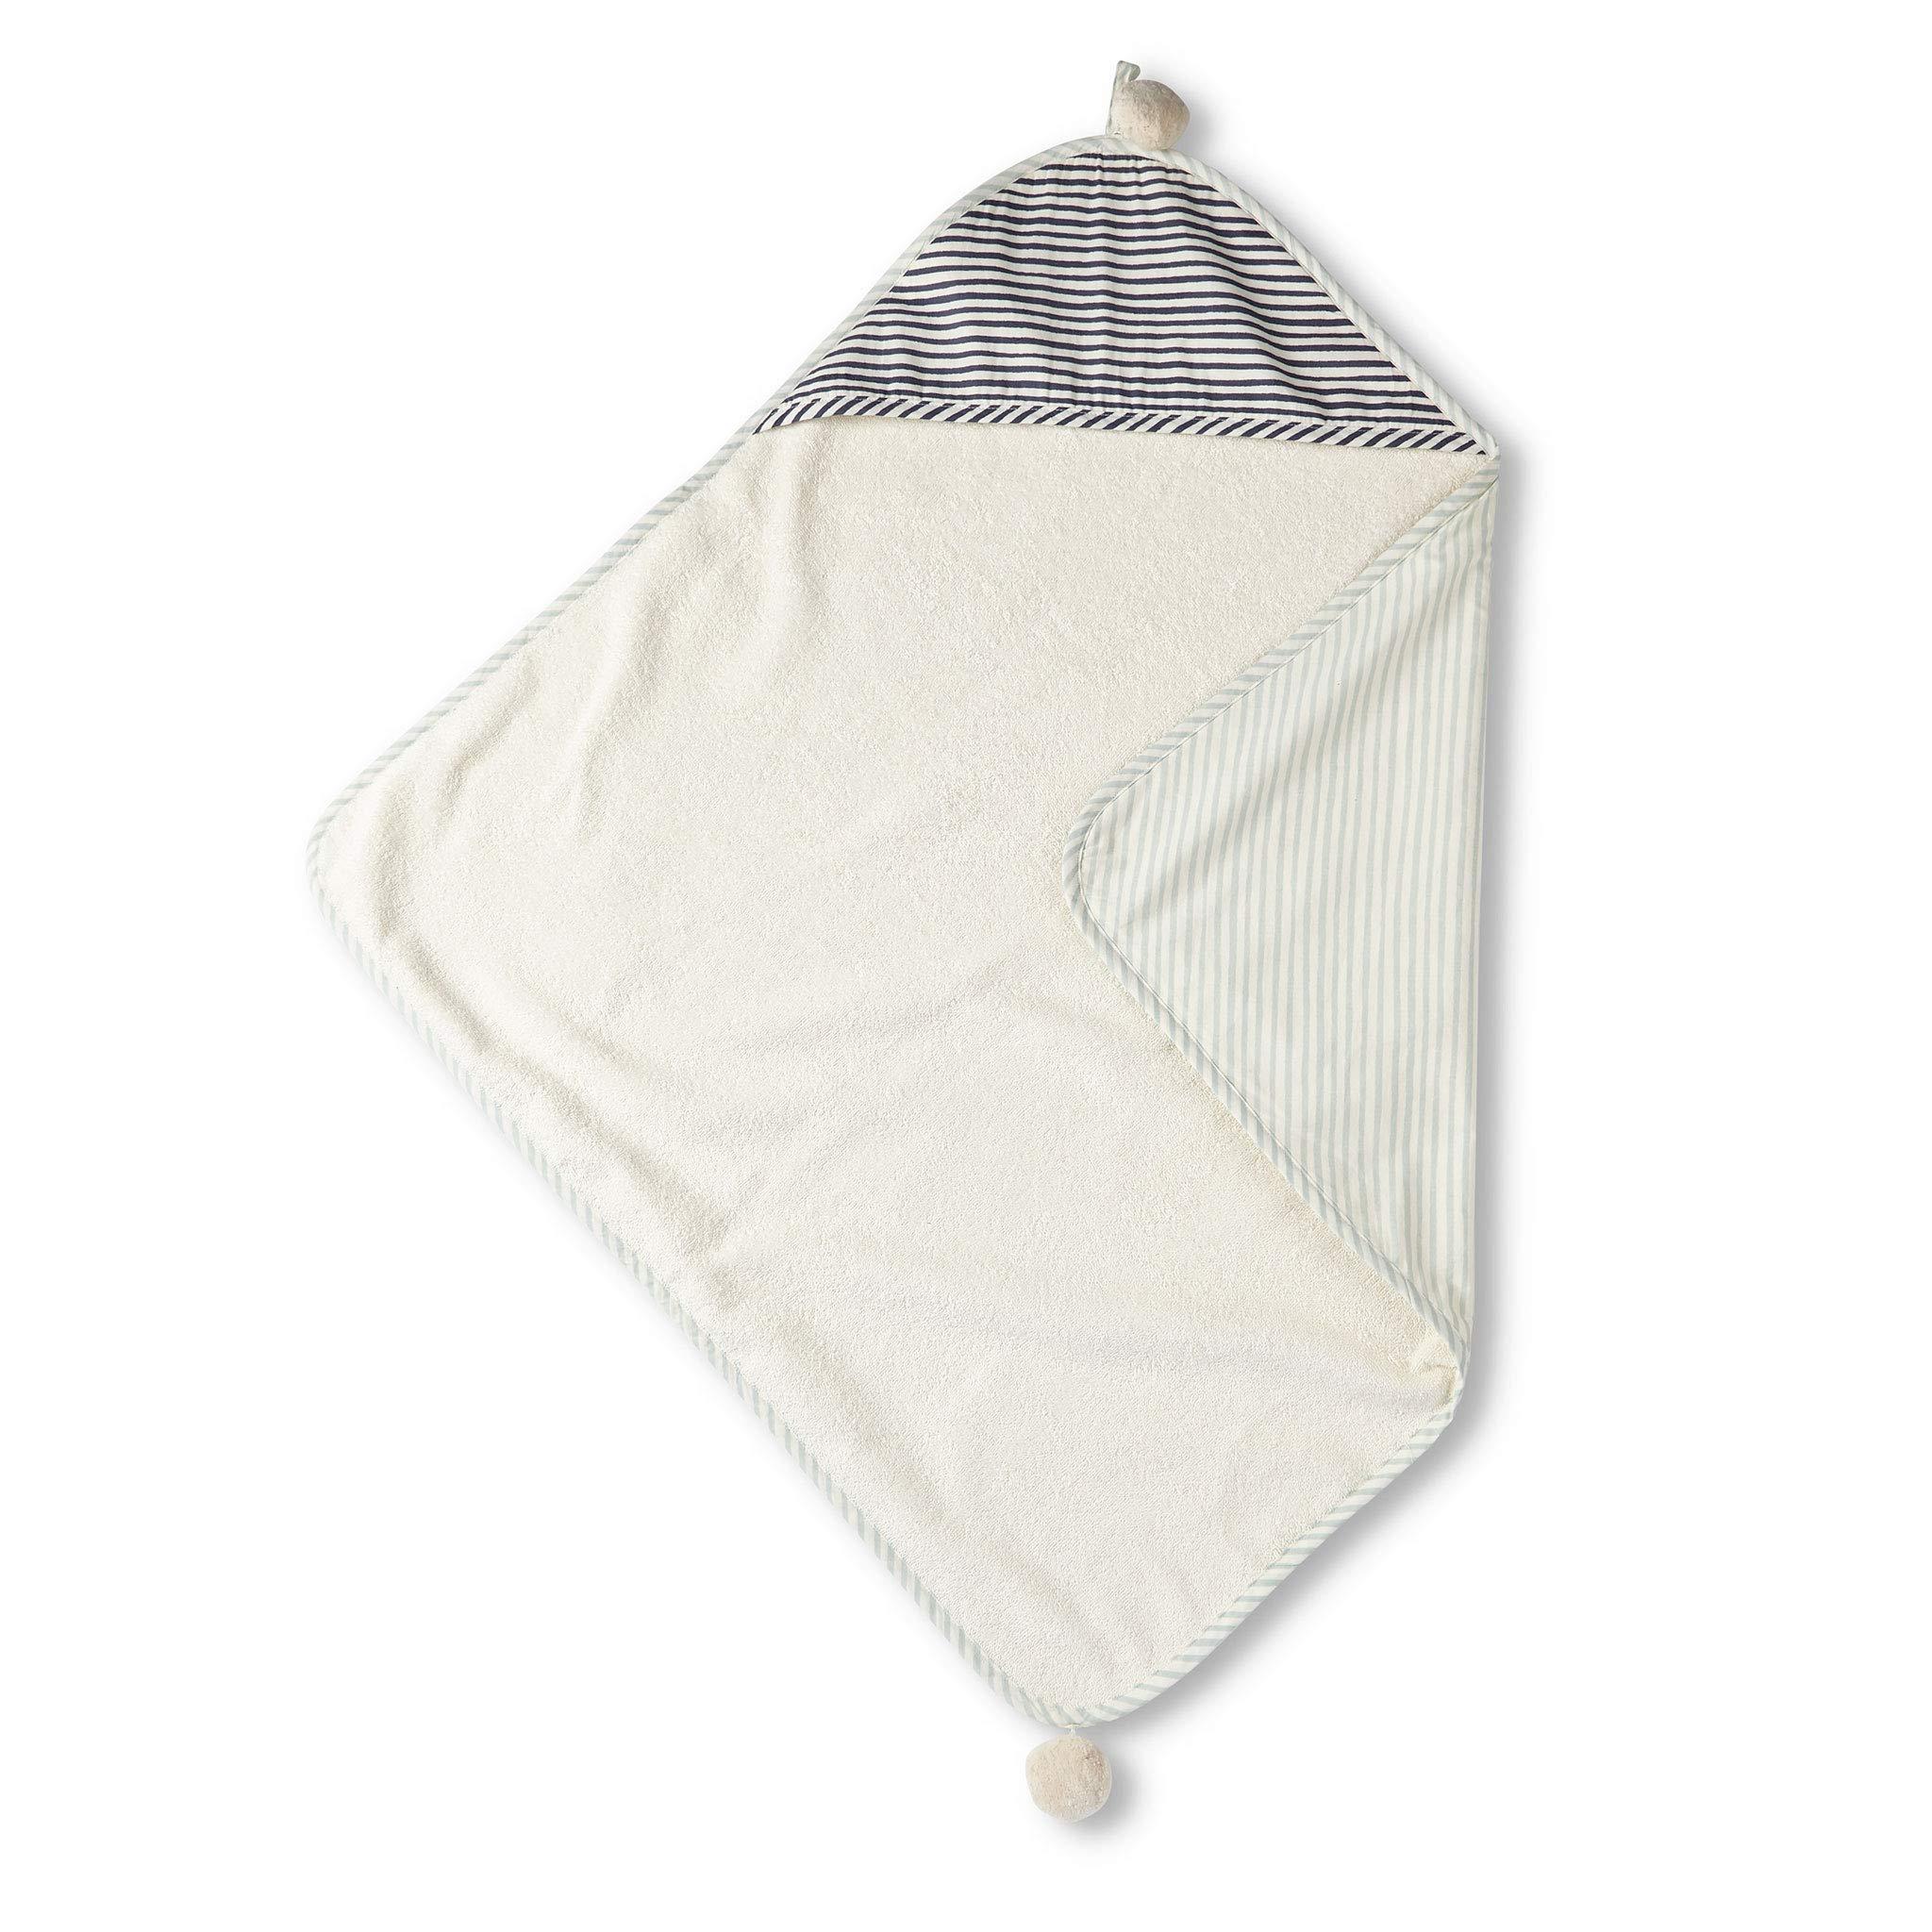 Pehr Stripes Away Hooded Towel - Sea, Multi by PEHR